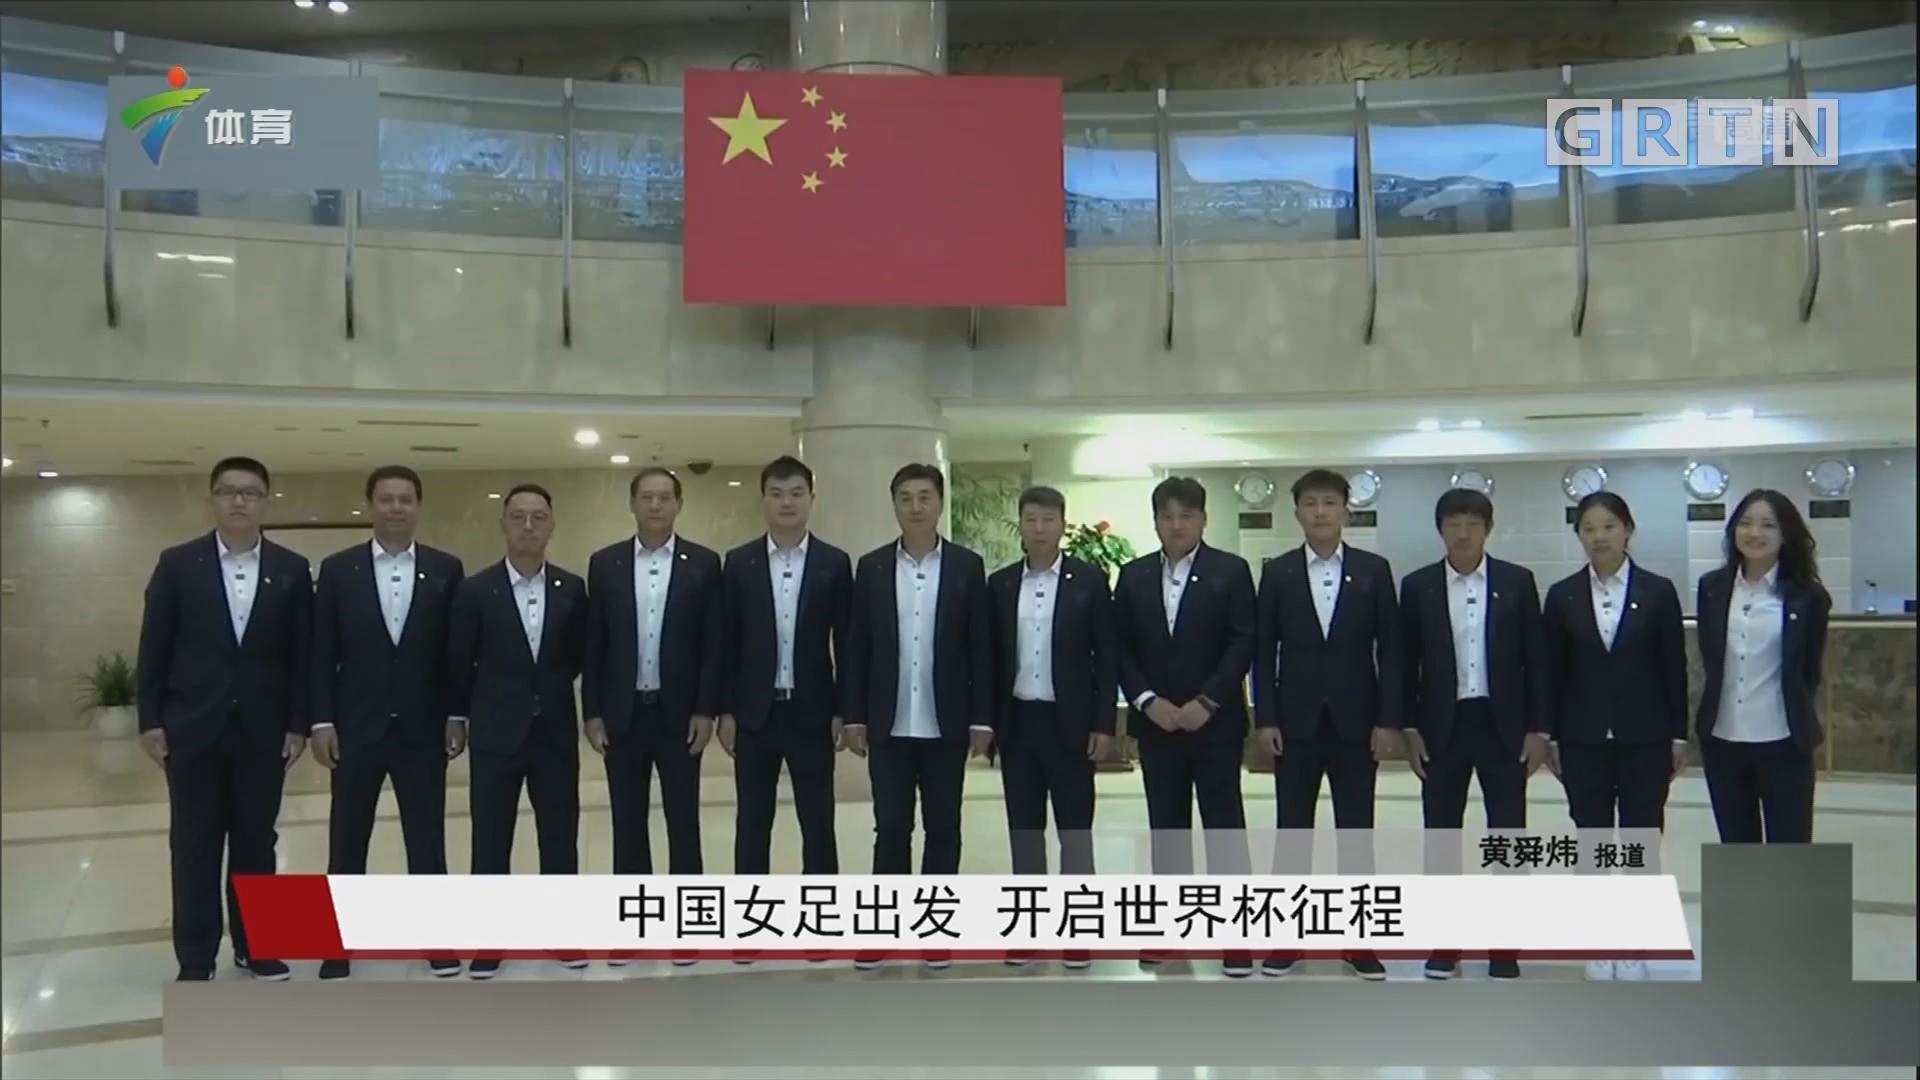 中国女足出发 开启世界杯征程